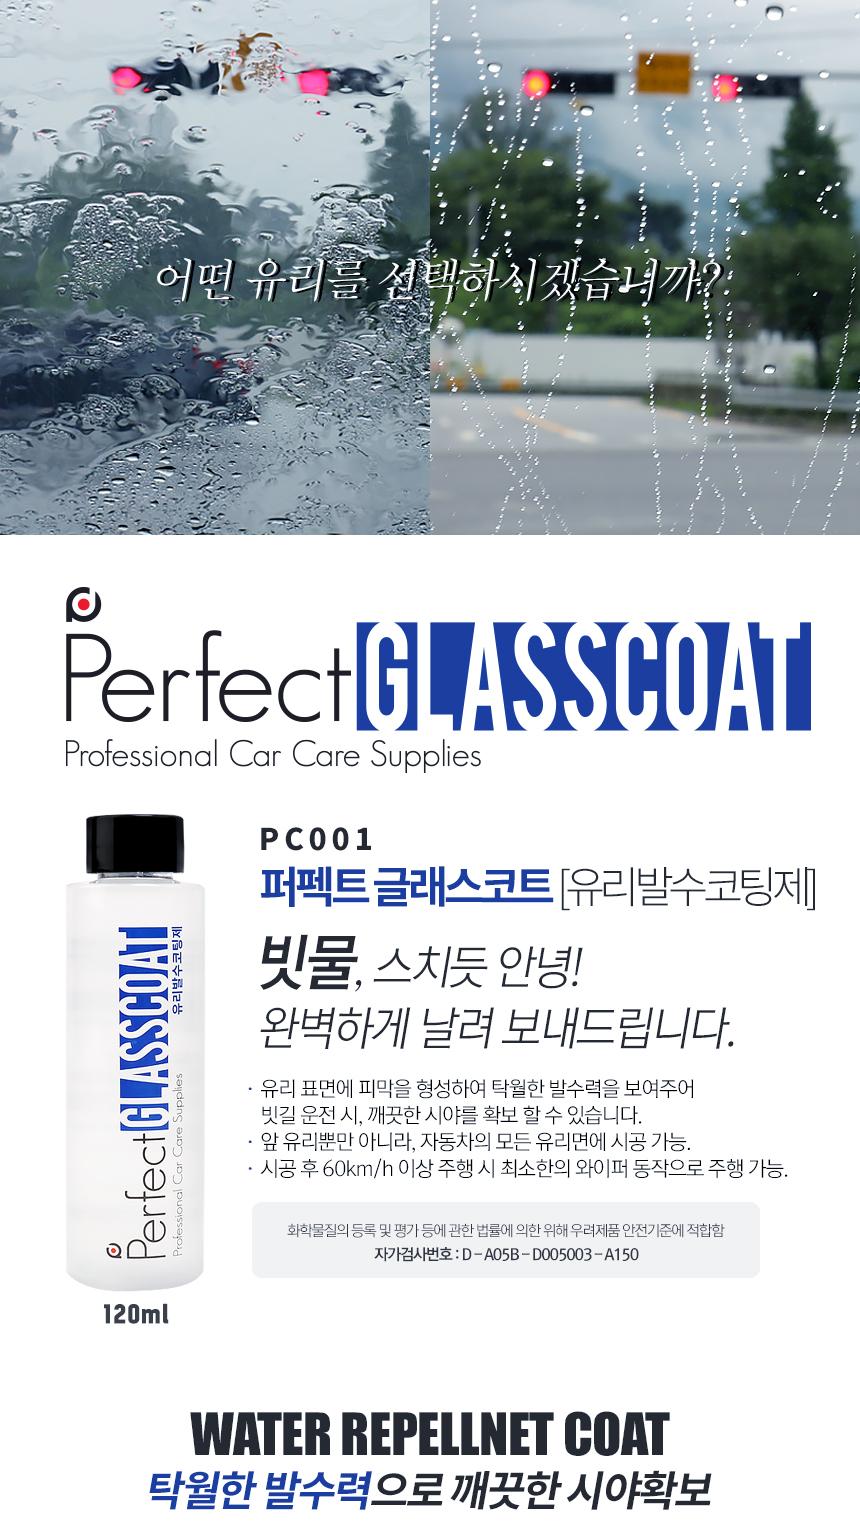 퍼펙트글래스코트 유리발수코팅제 - 퍼펙트디테일링, 15,000원, 비상/관리용품, 광택용품